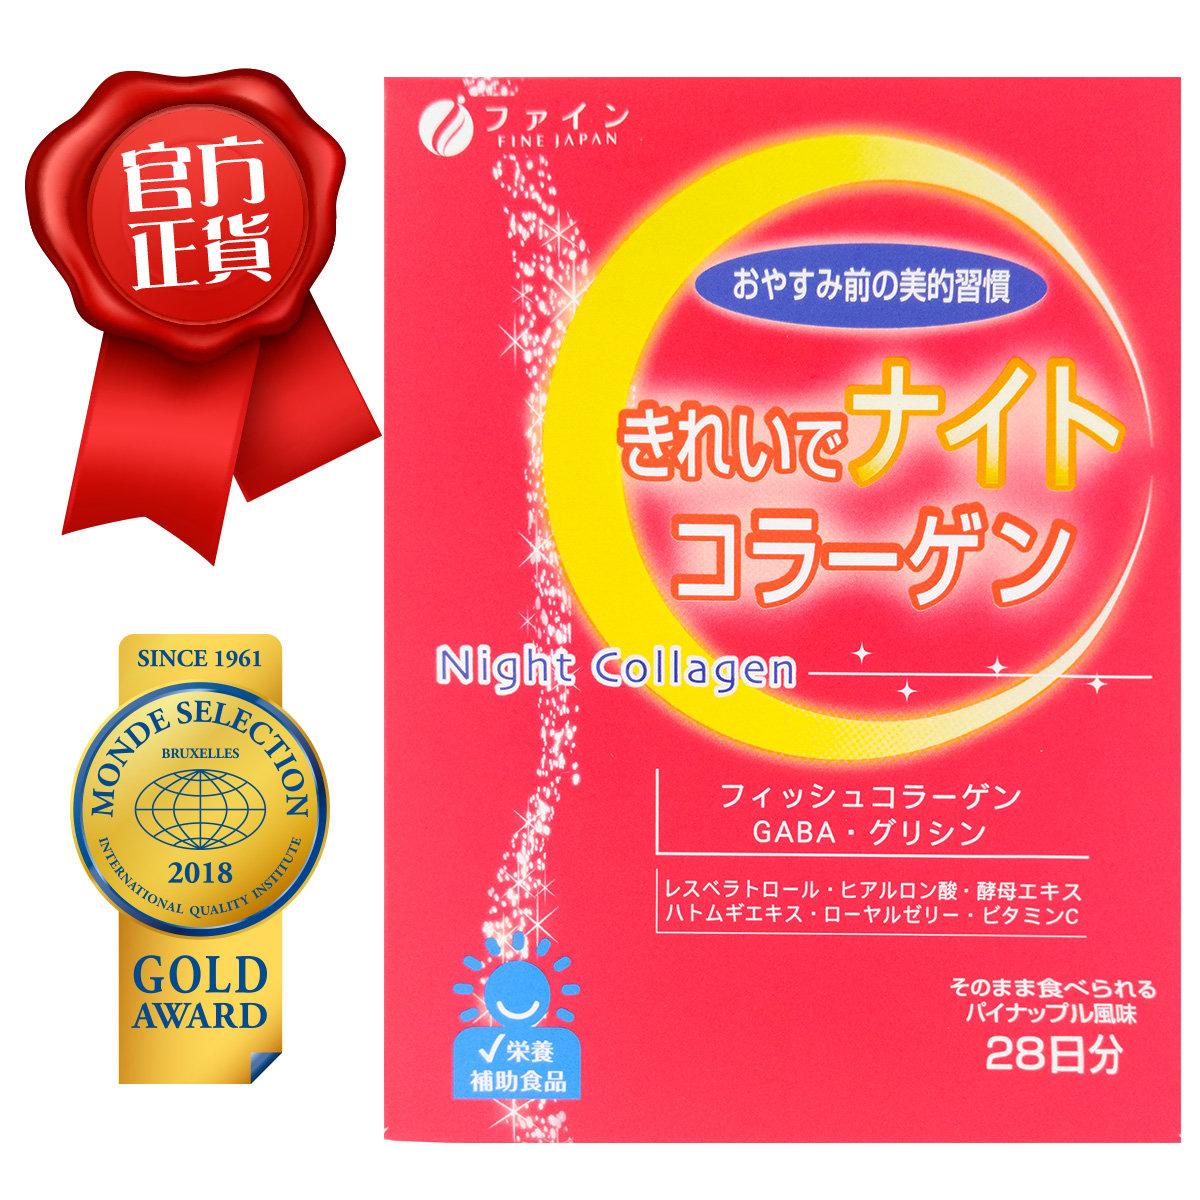 FINE Night Collagen 75.6g (2.7g x 28sticks) (005723)